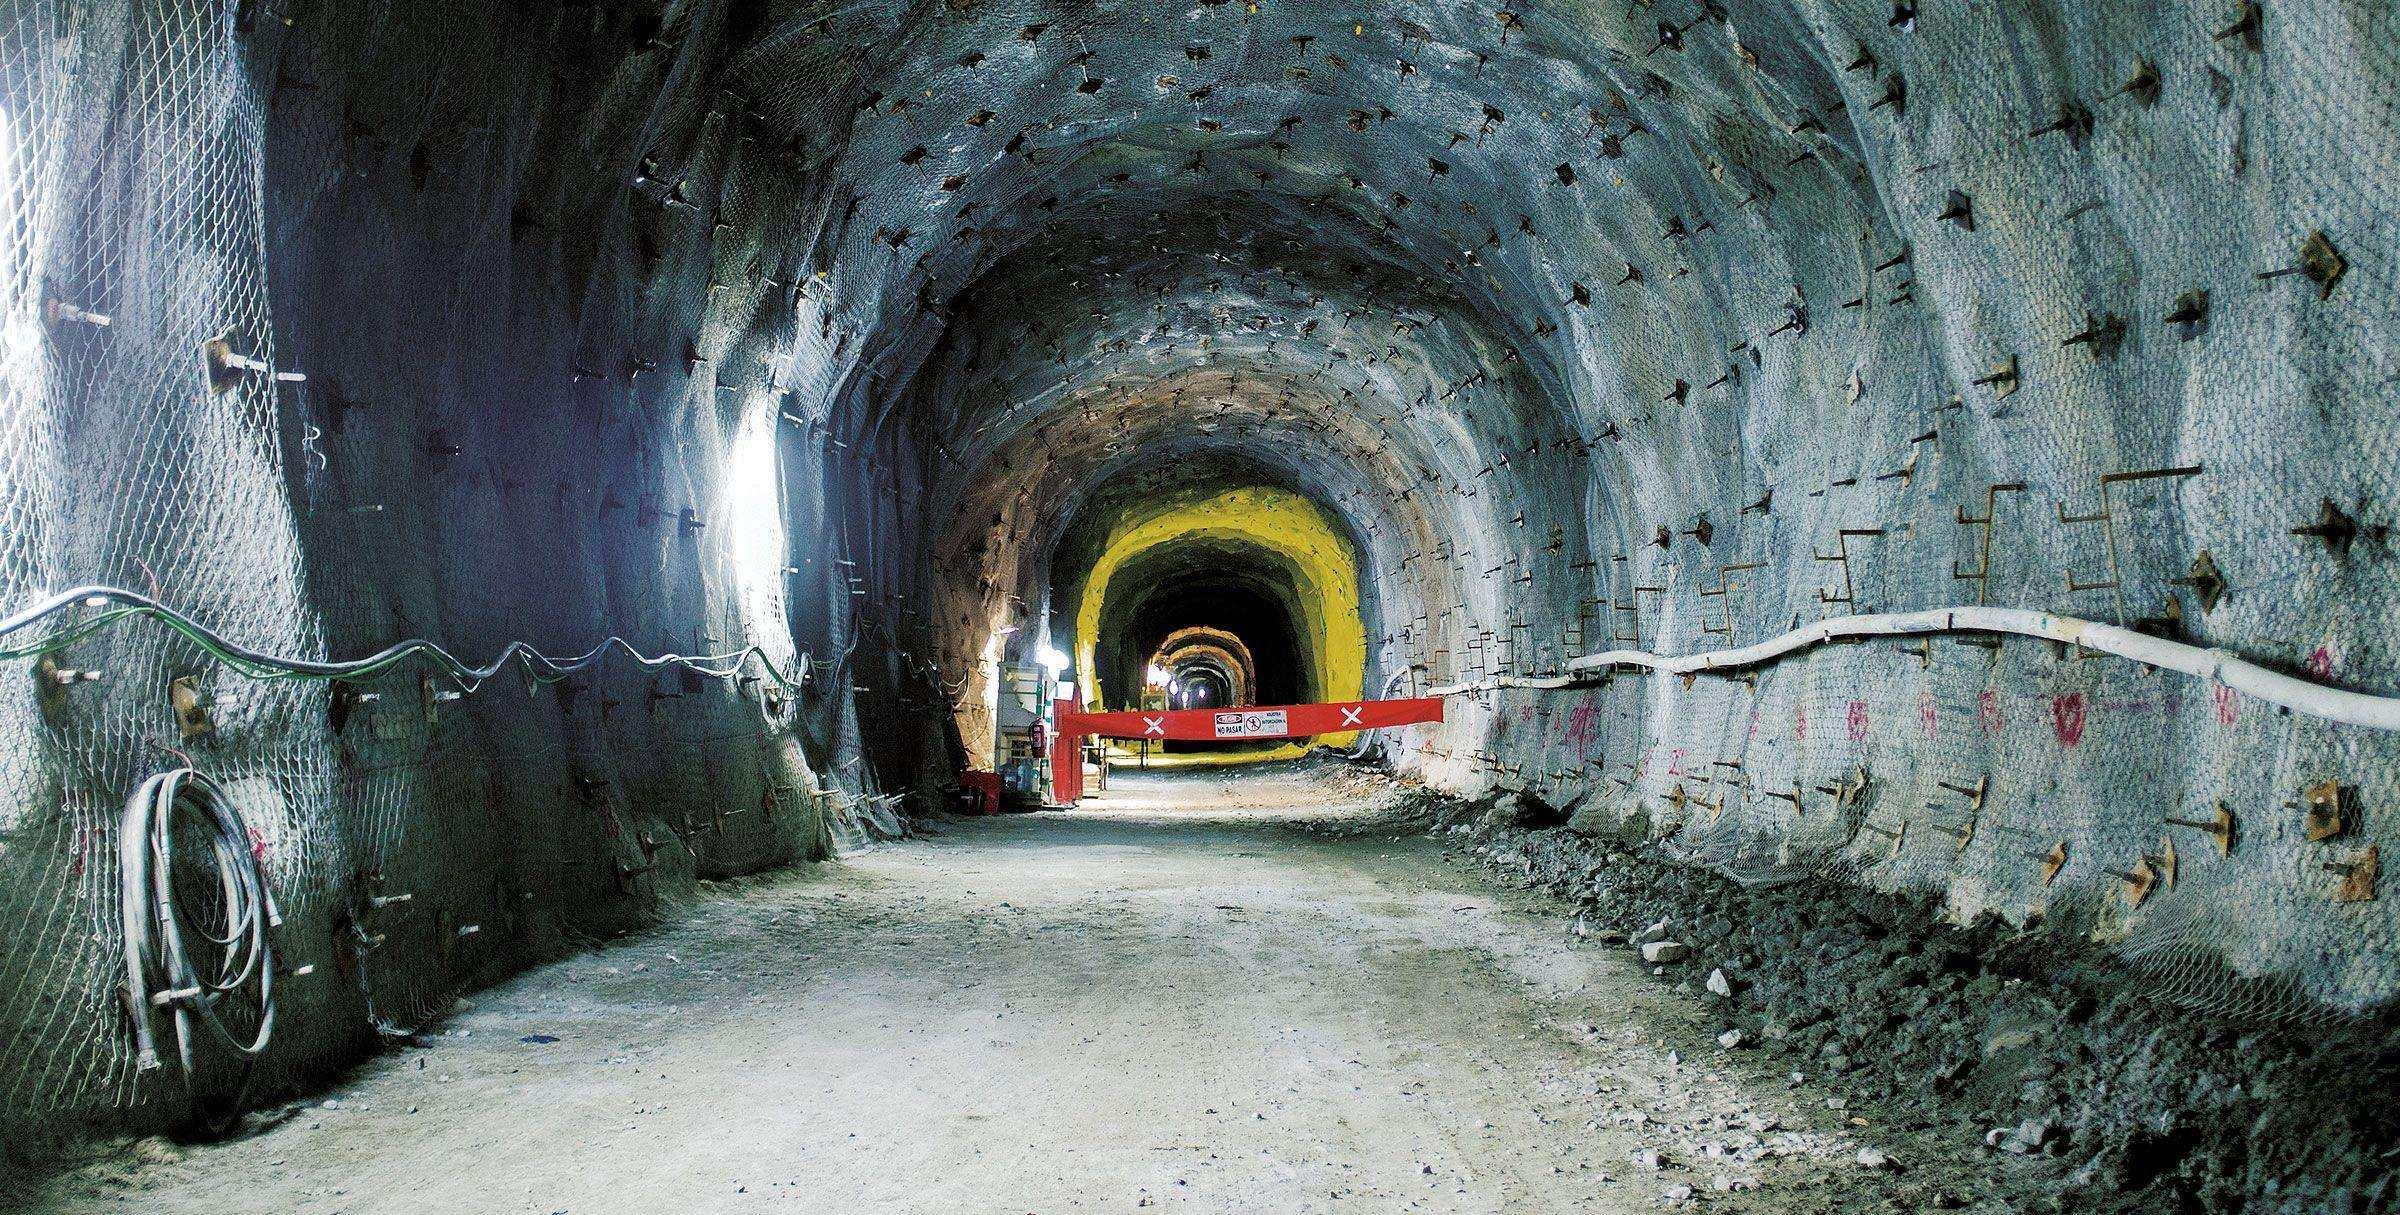 Los peligros a los que se expone la minería tras un sismo